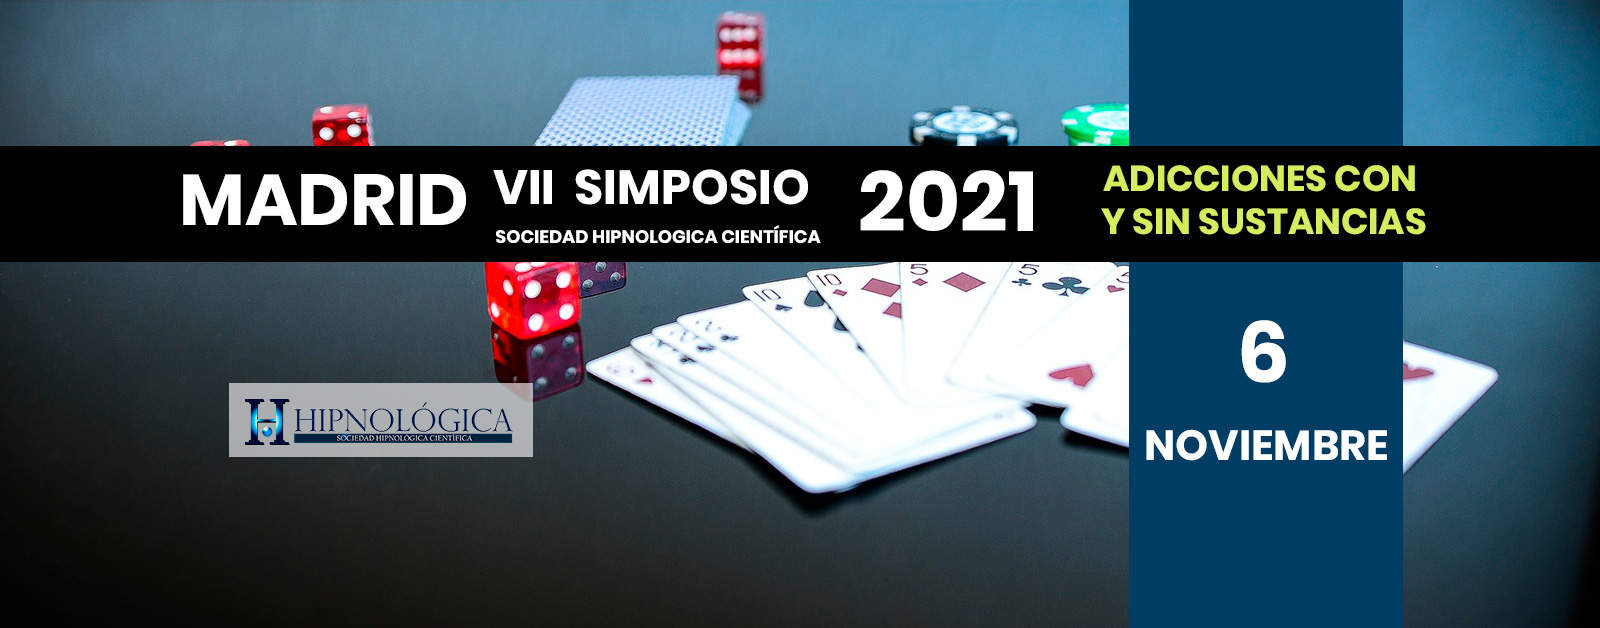 Simposio 2021